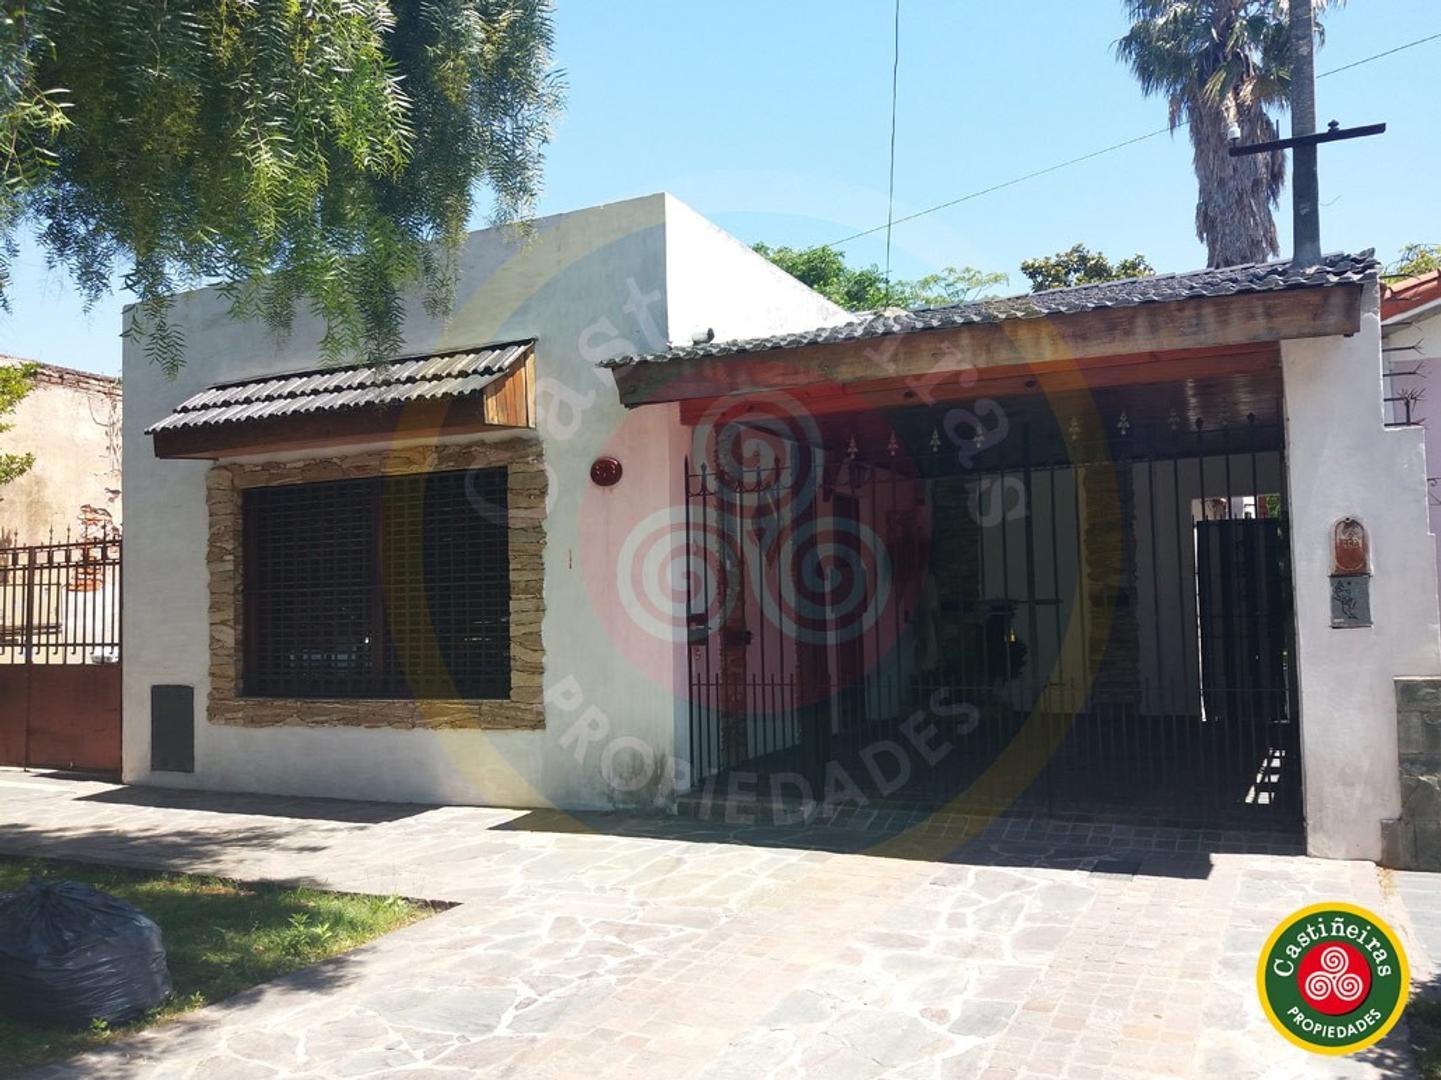 Muy Linda Casa - Excelente Ubicación - Cochera - Quincho - Parque Libre - Lote 8.66 X 39.13